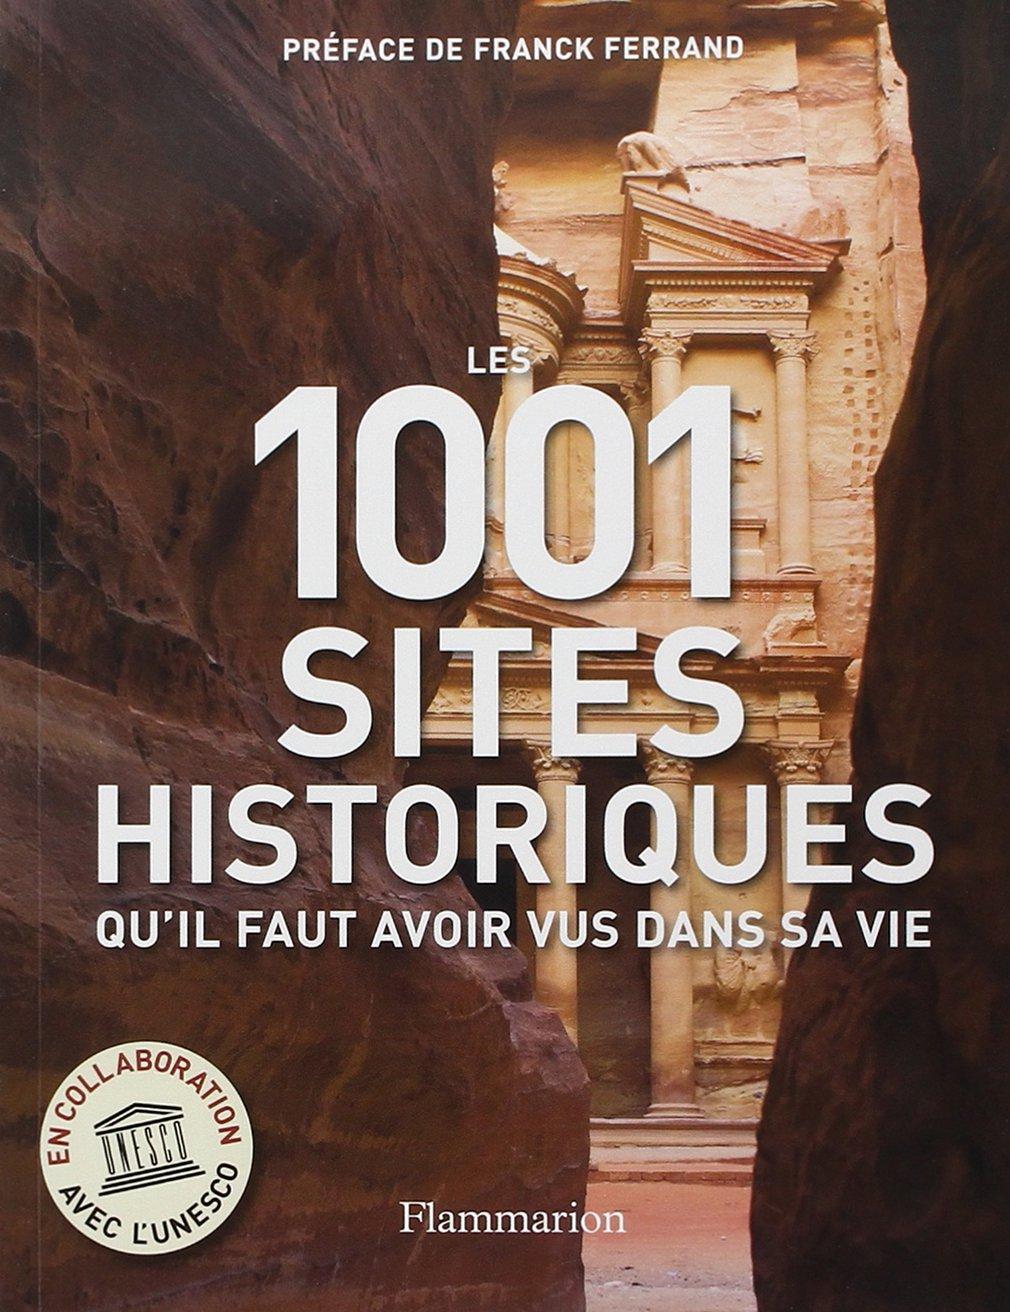 Amazon.fr - Les 1001 sites historiques qu'il faut avoir vus dans sa vie -  Richard Cavendish, Collectif, Franck Ferrand - Livres